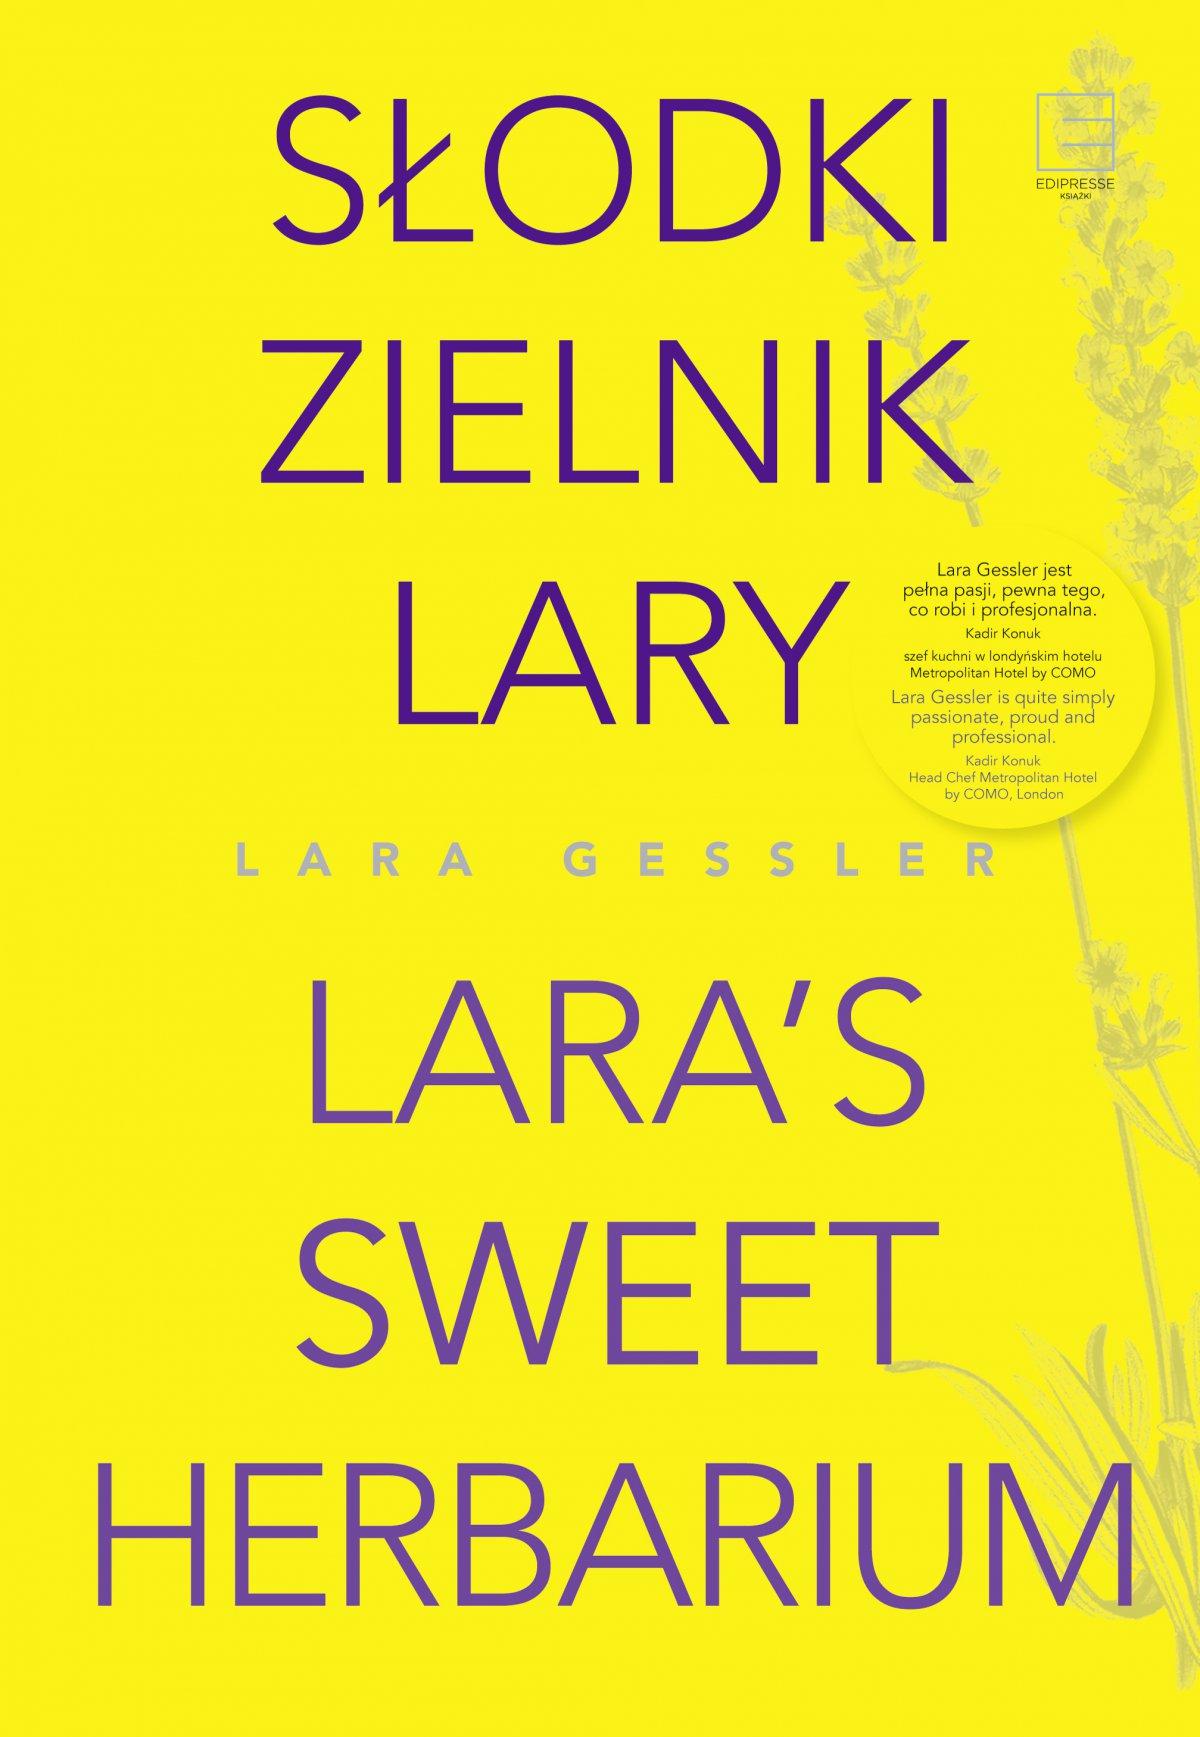 Słodki zielnik Lary - Ebook (Książka EPUB) do pobrania w formacie EPUB